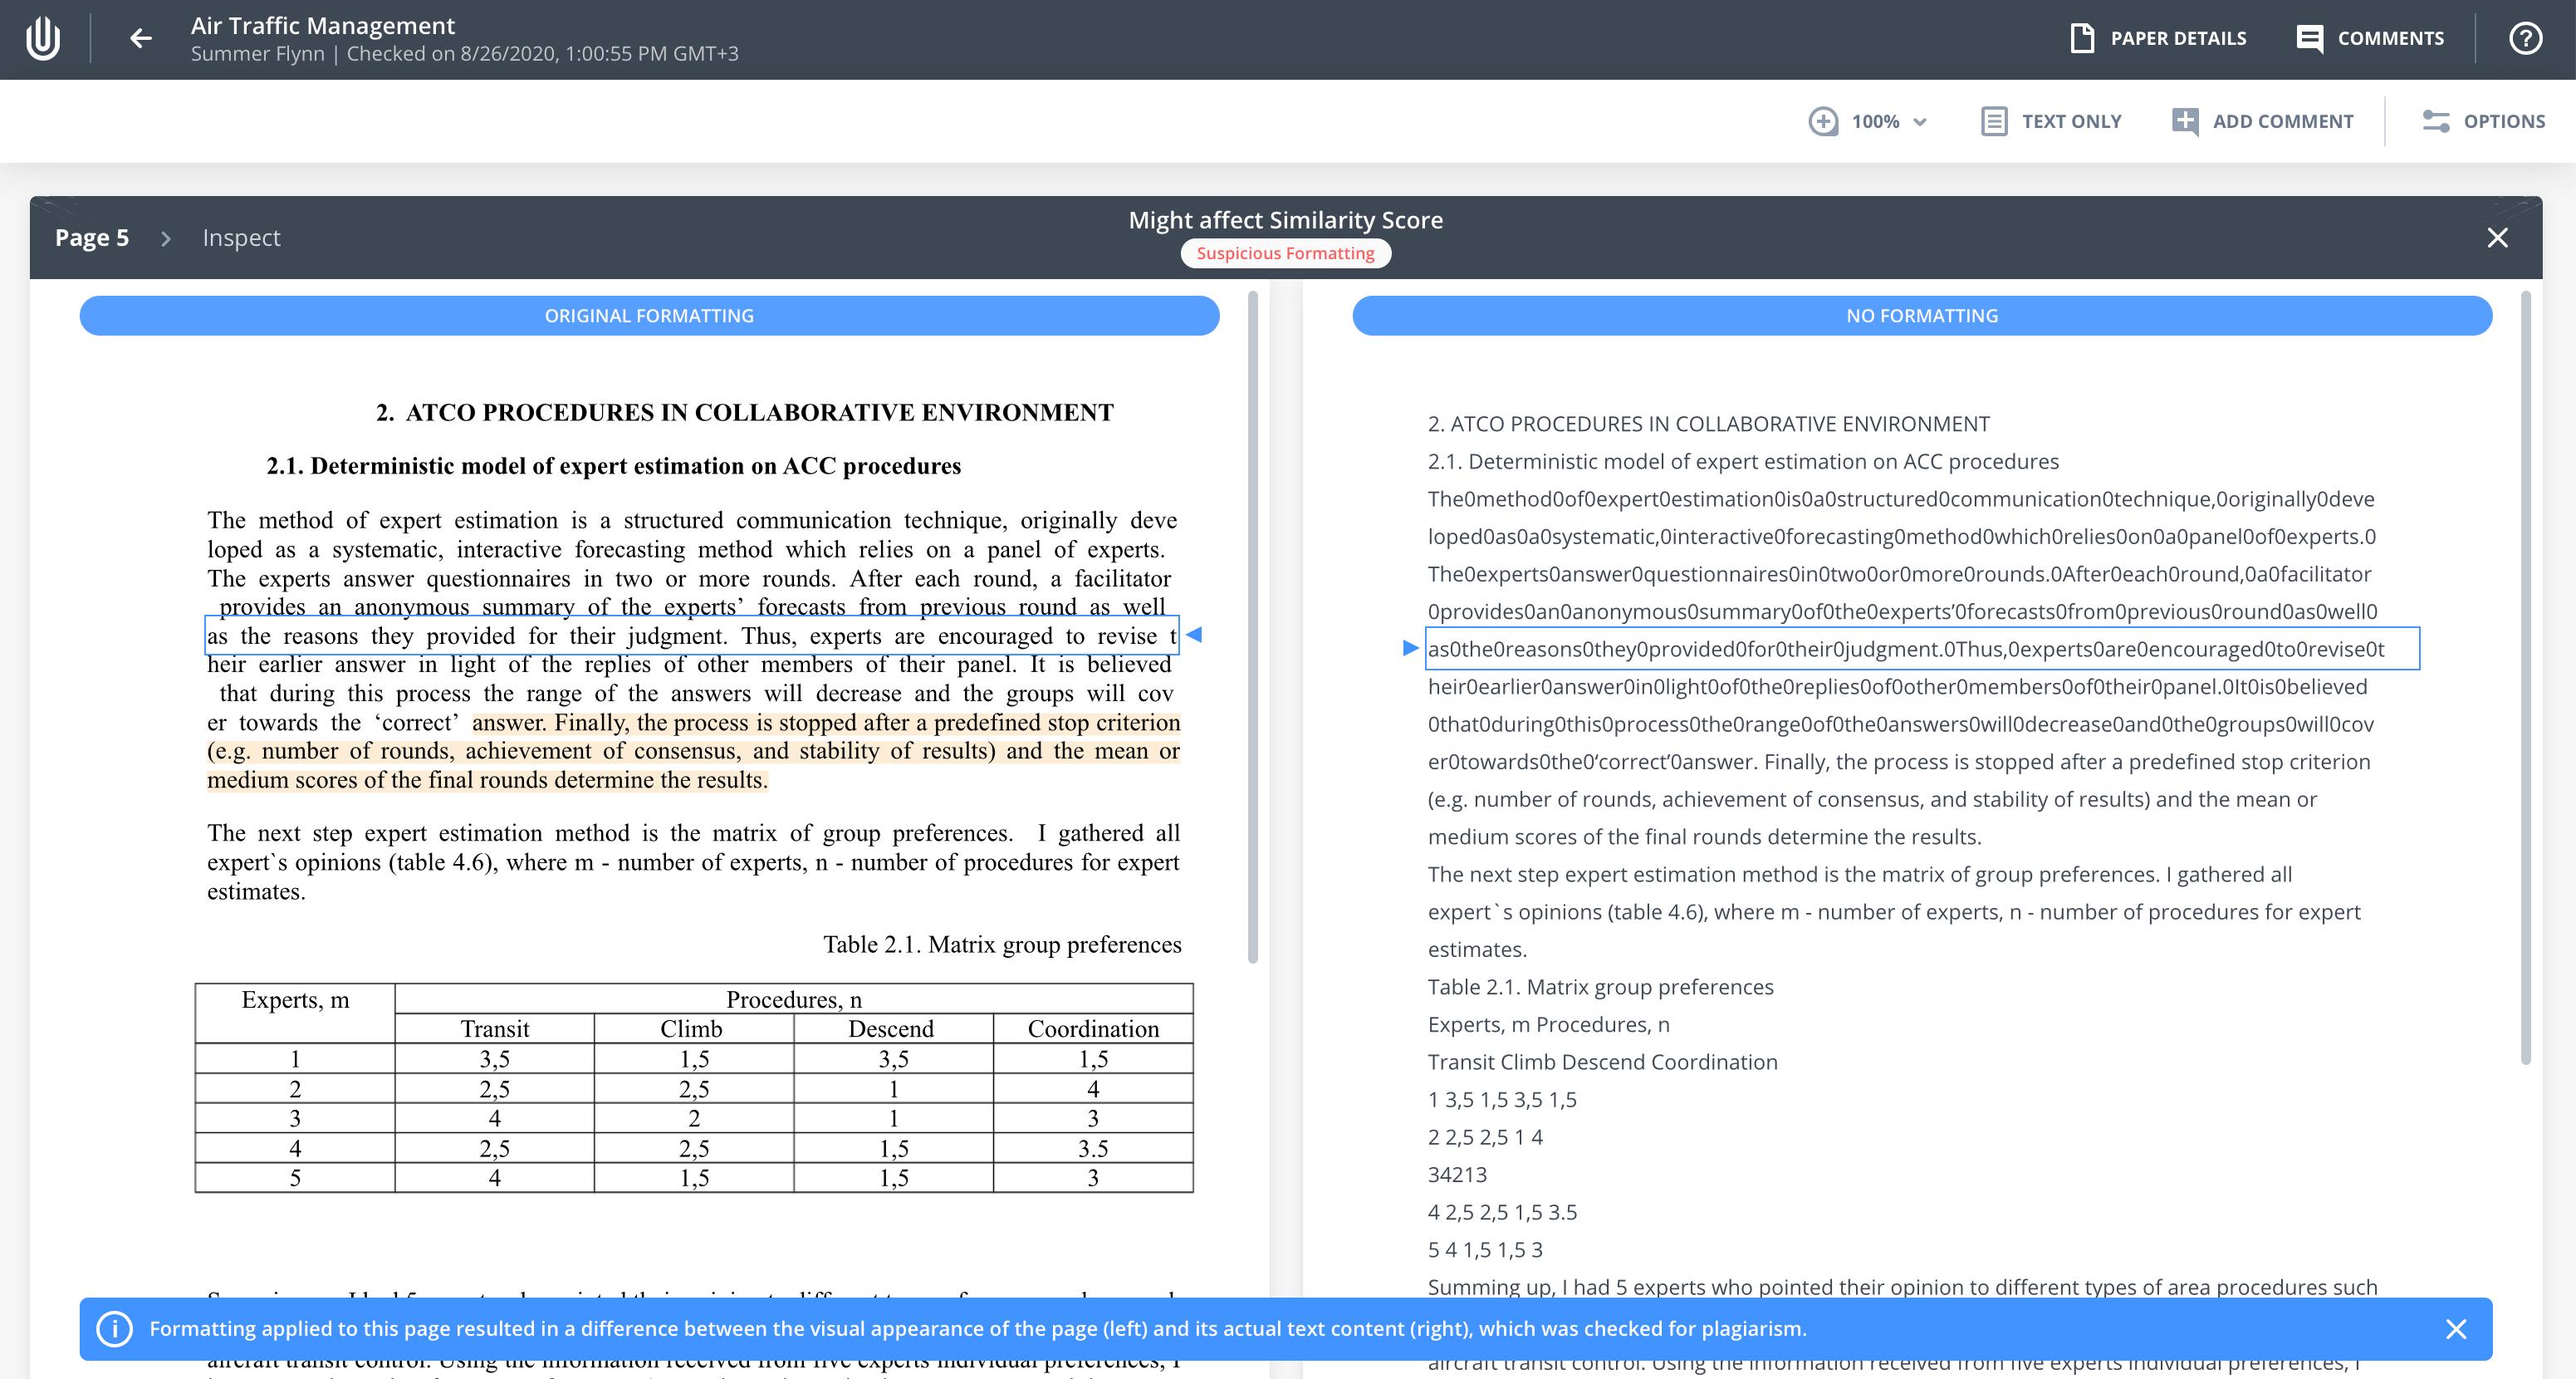 Suspicious formatting caught by Modifind, Unicheck's text modification algorithm